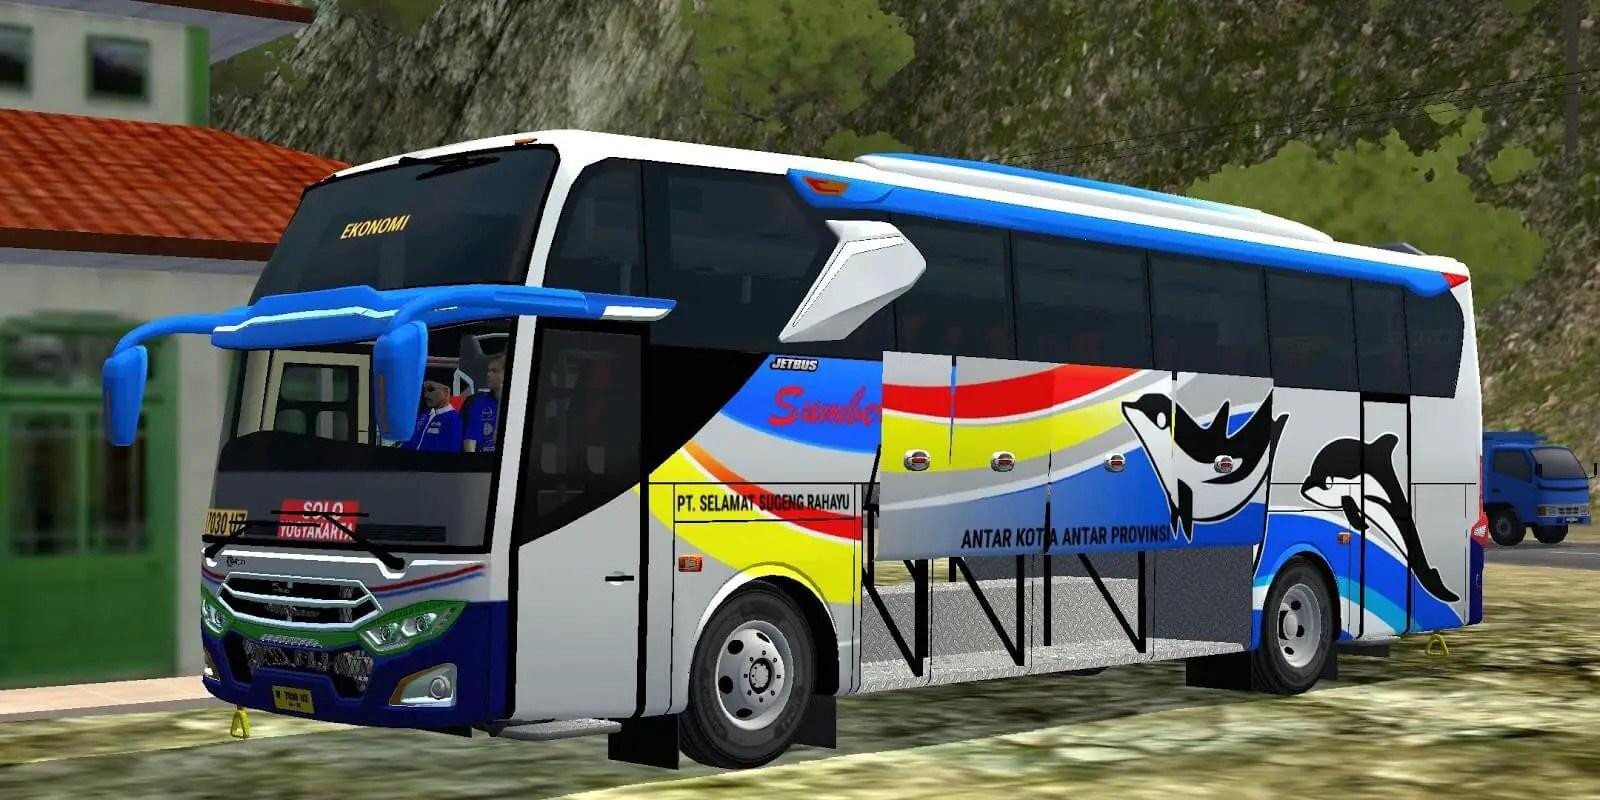 Hino AK8 JB3+ Voyager Mod BUSSID, Mod BUSSID Hino AK8 JB3+ Voyager, Mdo Hino AK8 JB3+ Voyager BUSSID, BUSSID Bus Mod